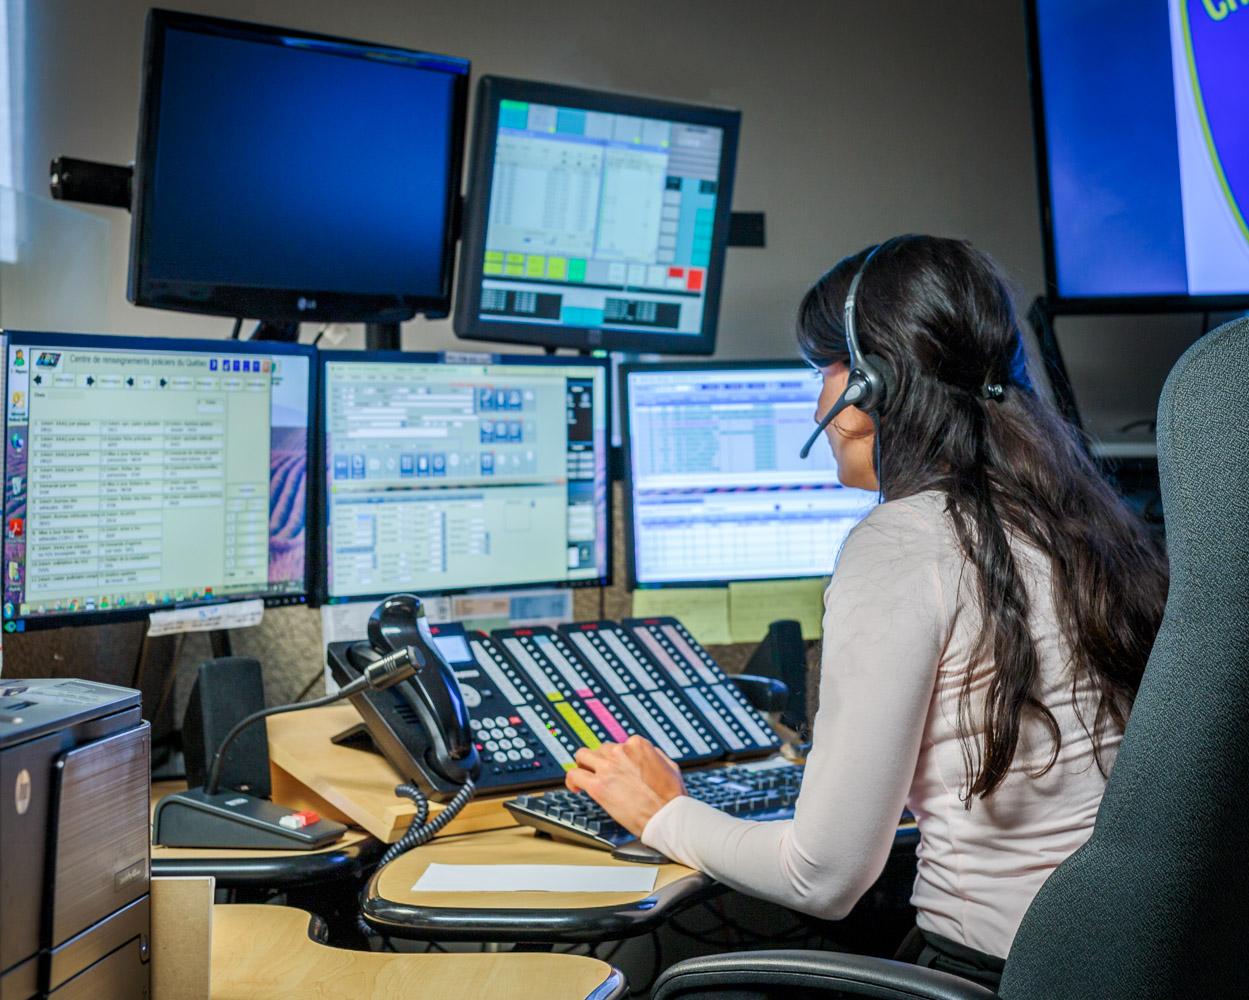 Standardiste 911 à son poste de travail